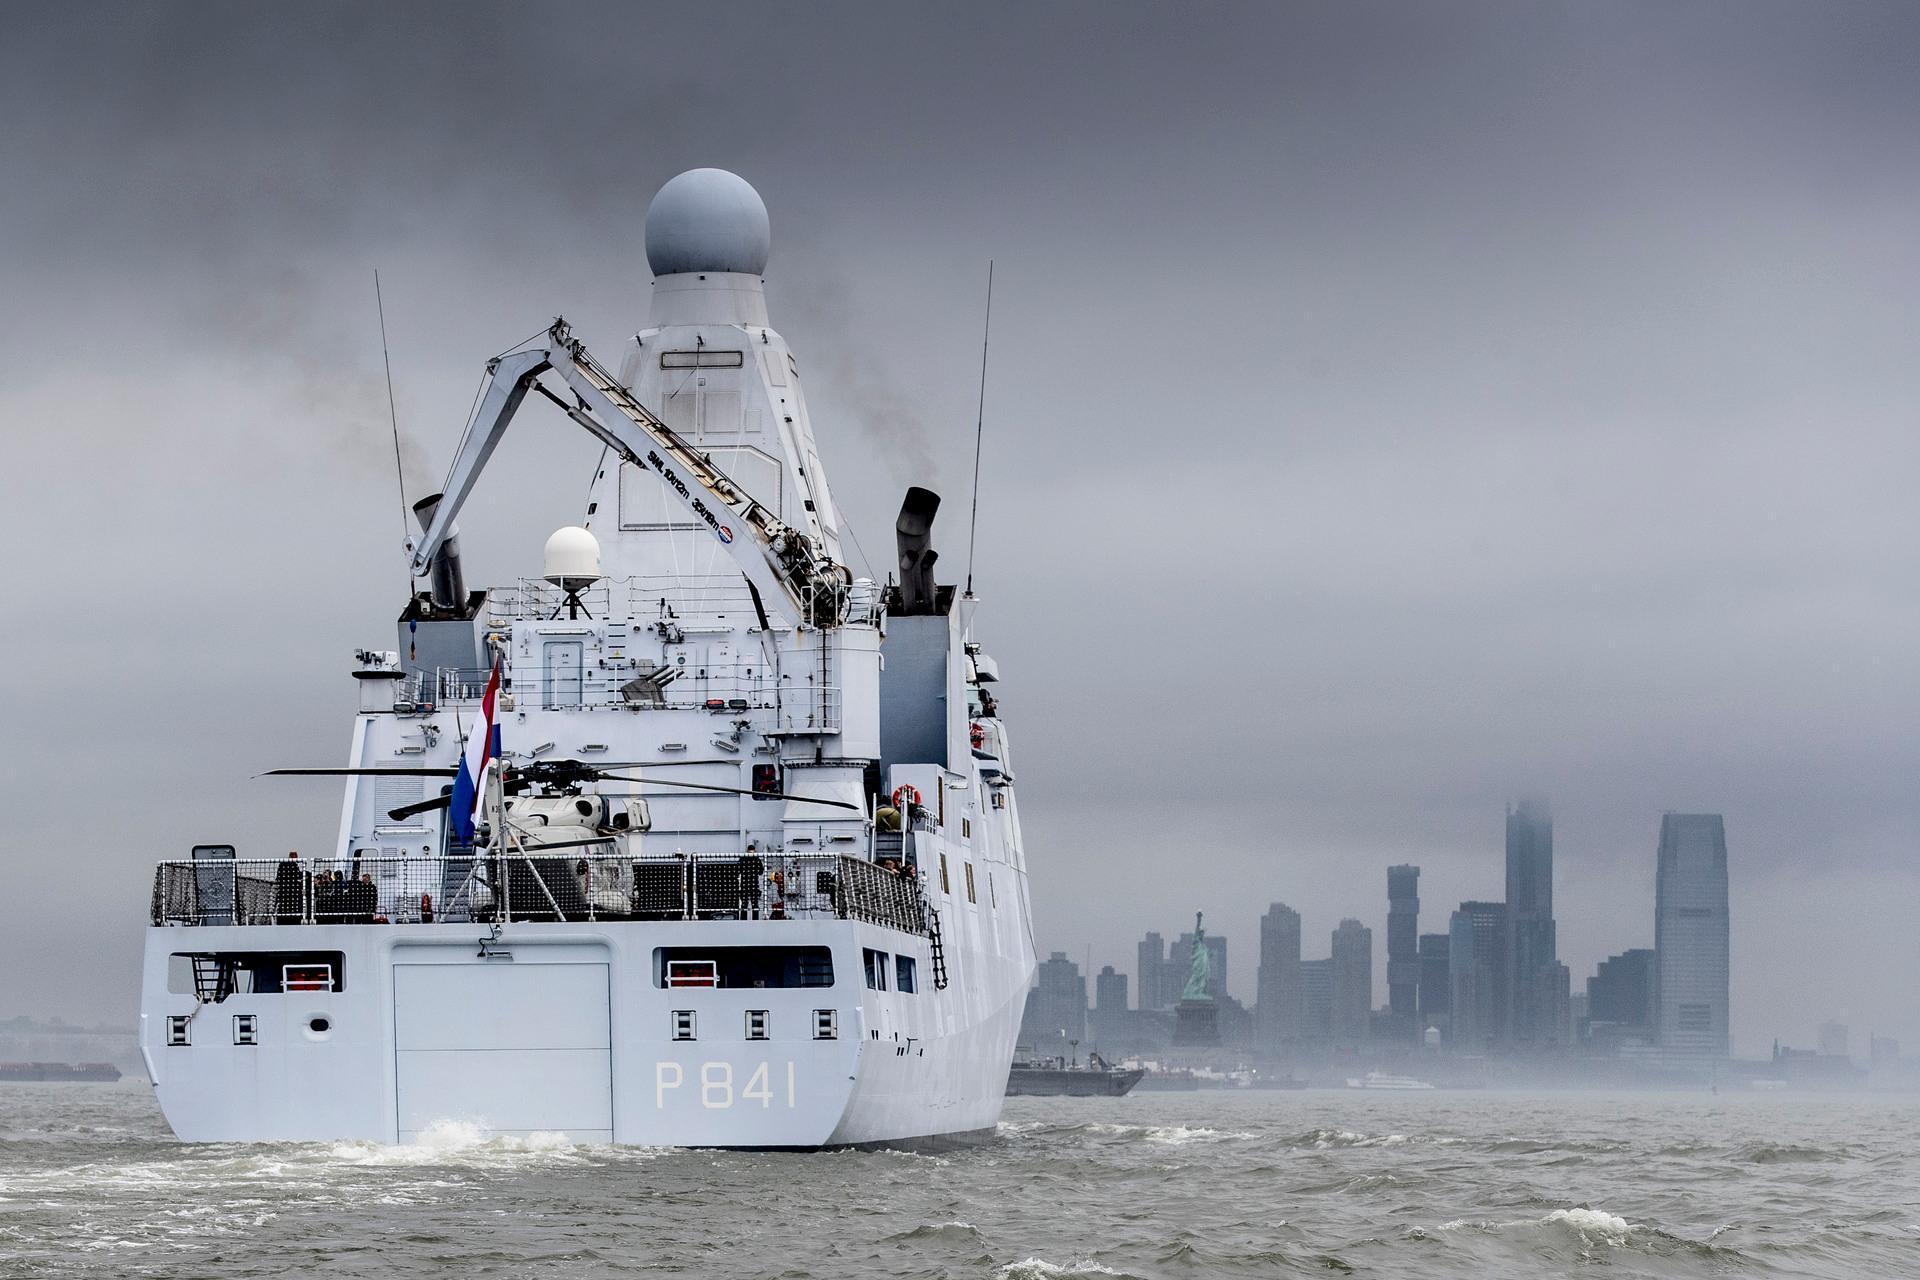 Om storingen of zelfs uitval te voorkomen, hebben de vier patrouilleschepen van de marine een modernisering nodig